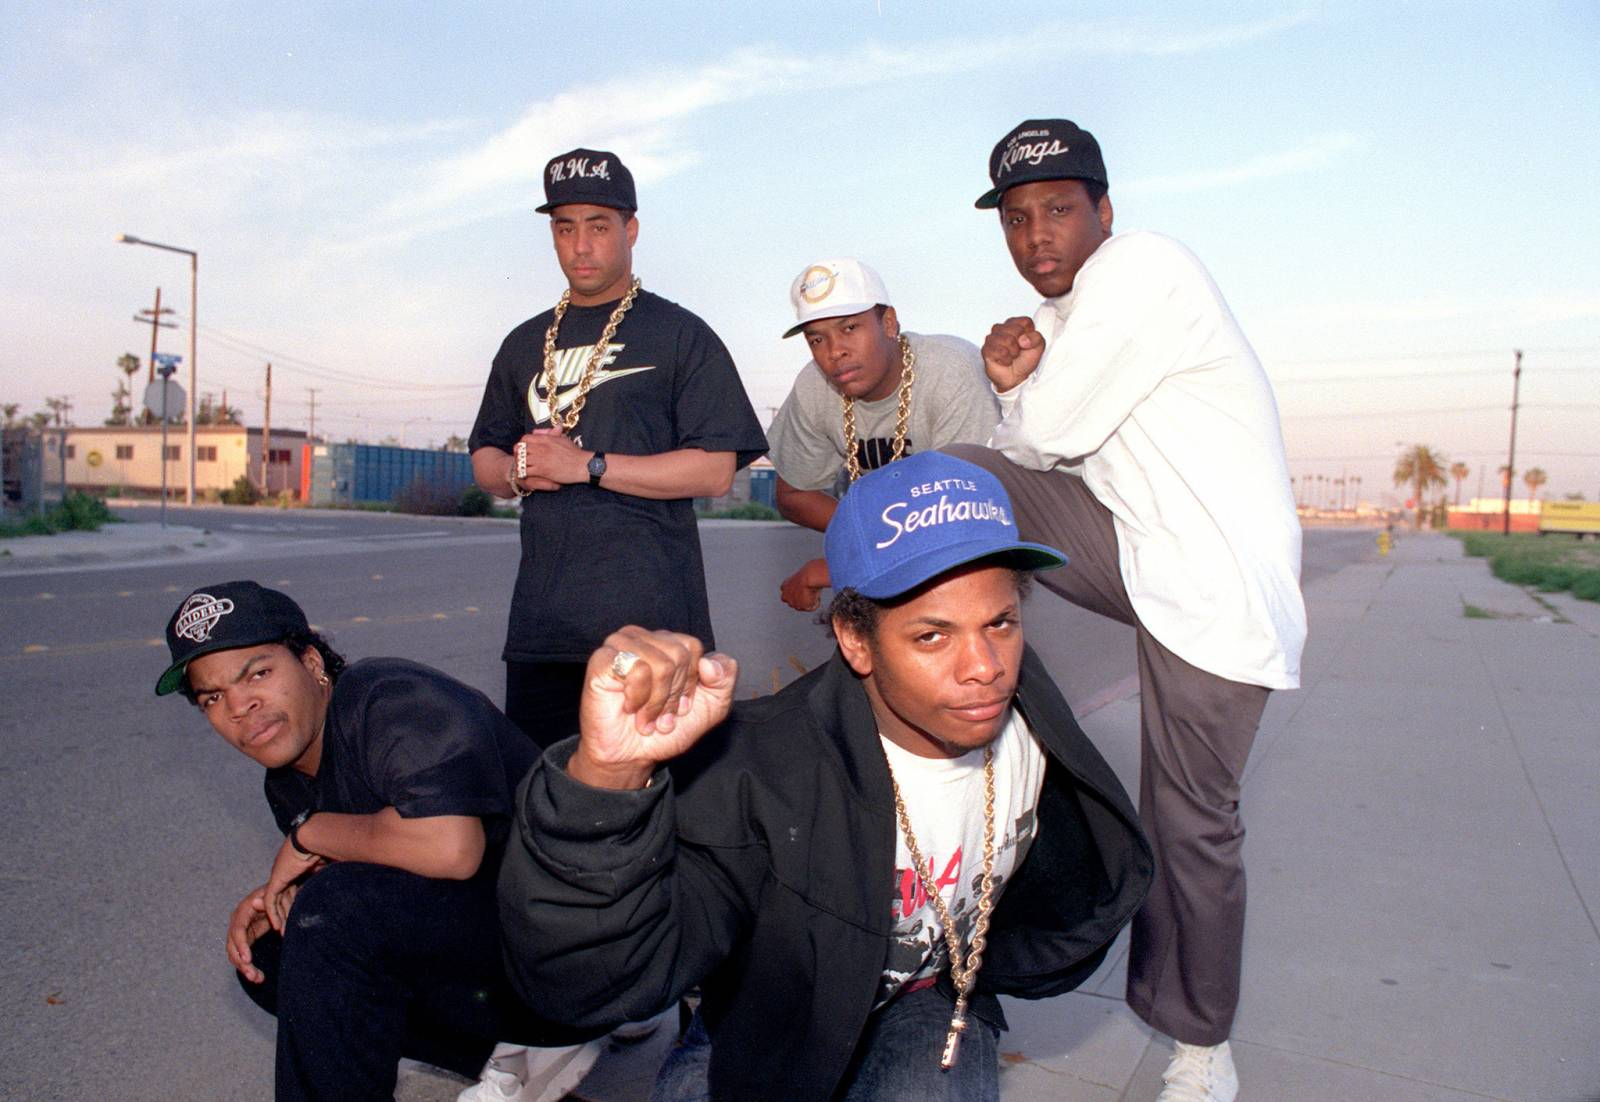 Jerry Heller, šedá eminence gangsta rapu, která si vysloužila svůj diss track